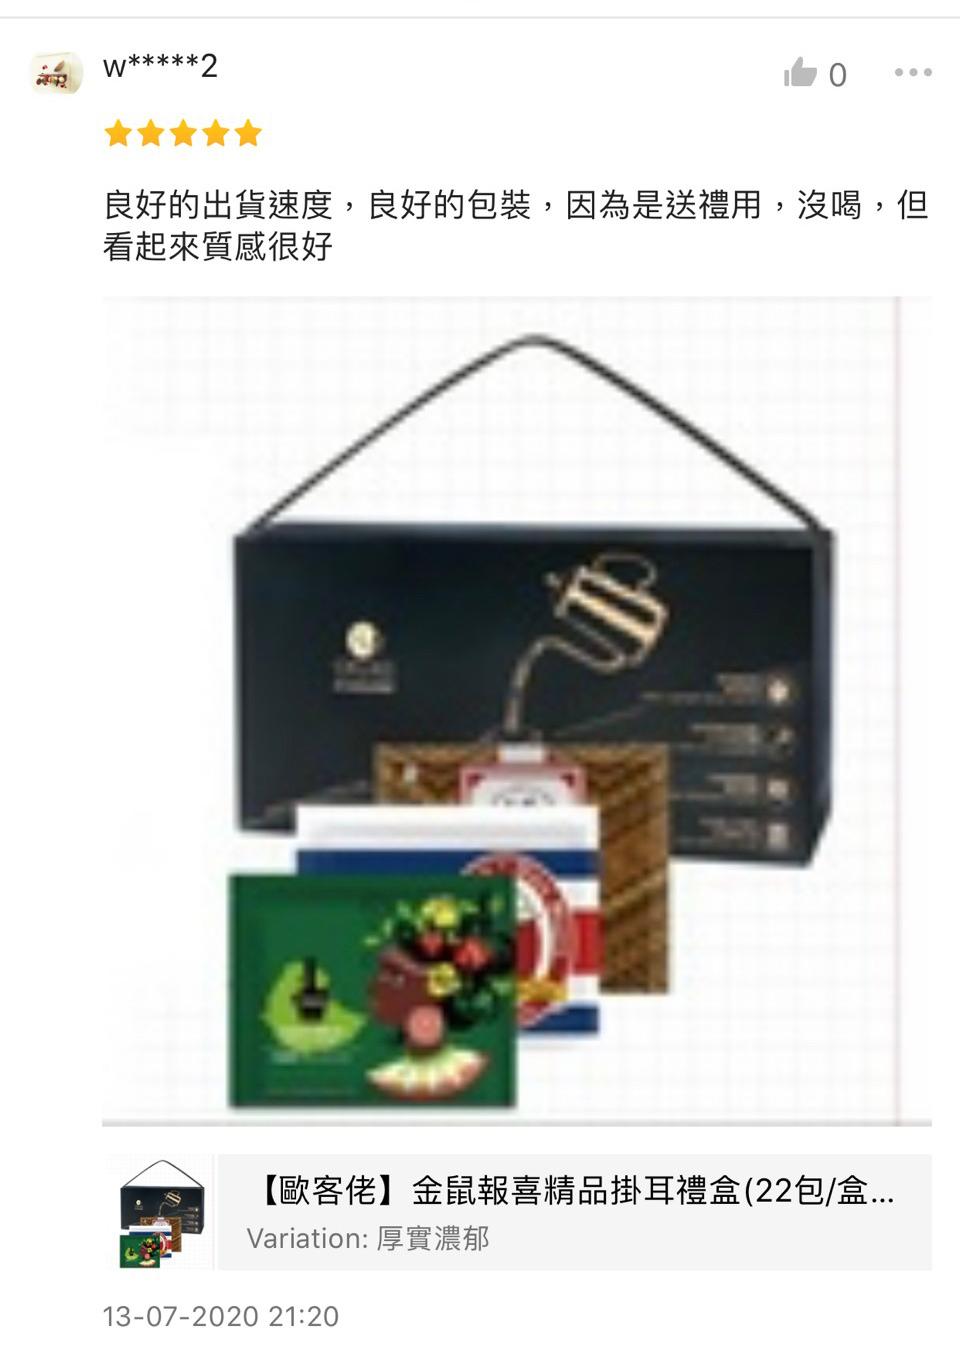 【歐客佬】金鼠報喜精品掛耳禮盒(22包/盒)附提繩 (商品貨號:44010158/44010159) OKLAO 良好的出貨速度,良好的包裝,因為是送禮用,沒喝,但看起來質感很好